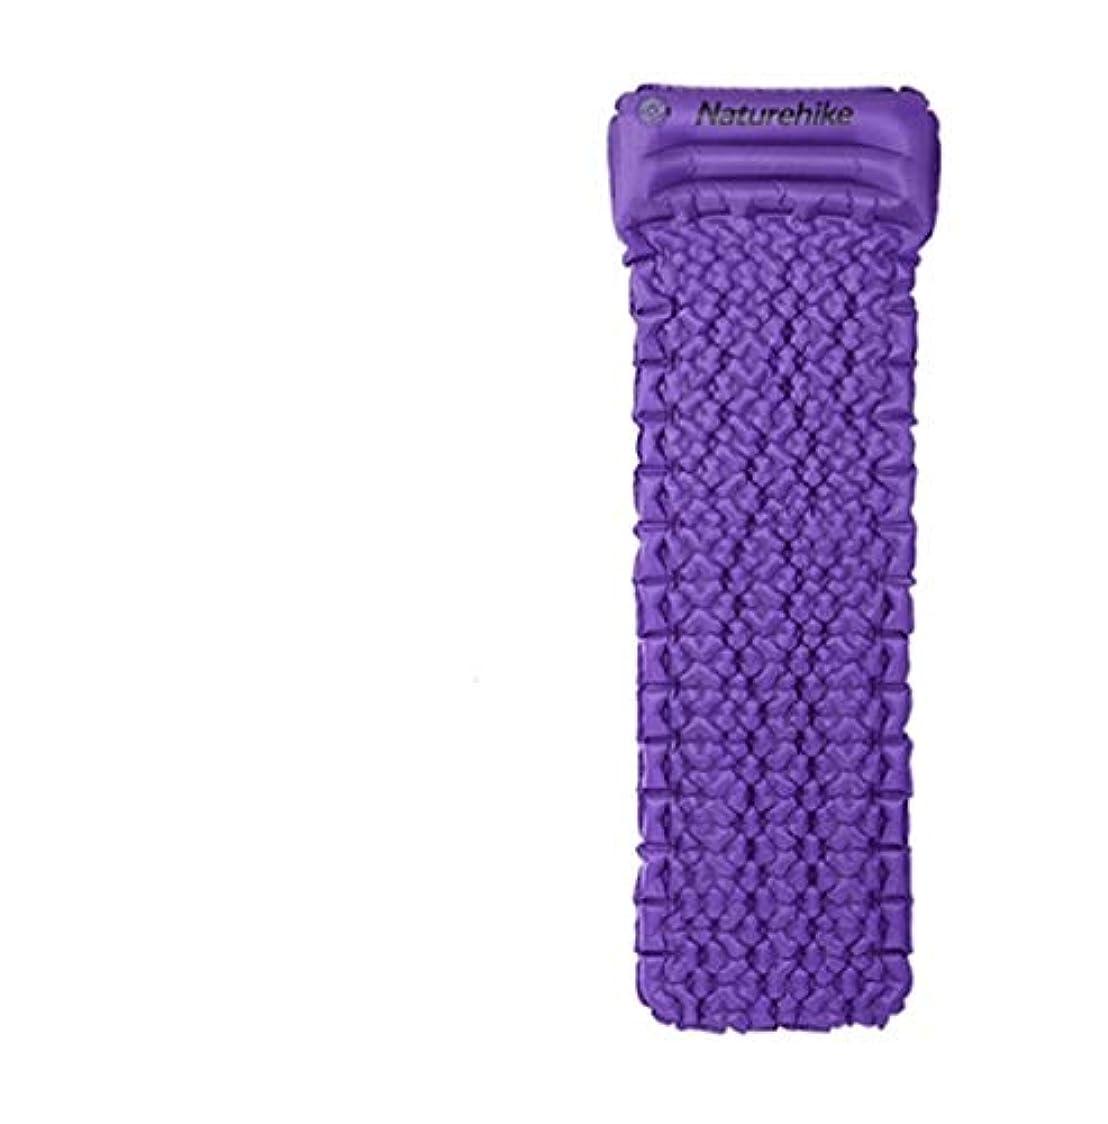 日光ライター端末枕超軽量ポータブルエアマットレスNH17T024-TでインフレータブルTPU防湿パッド